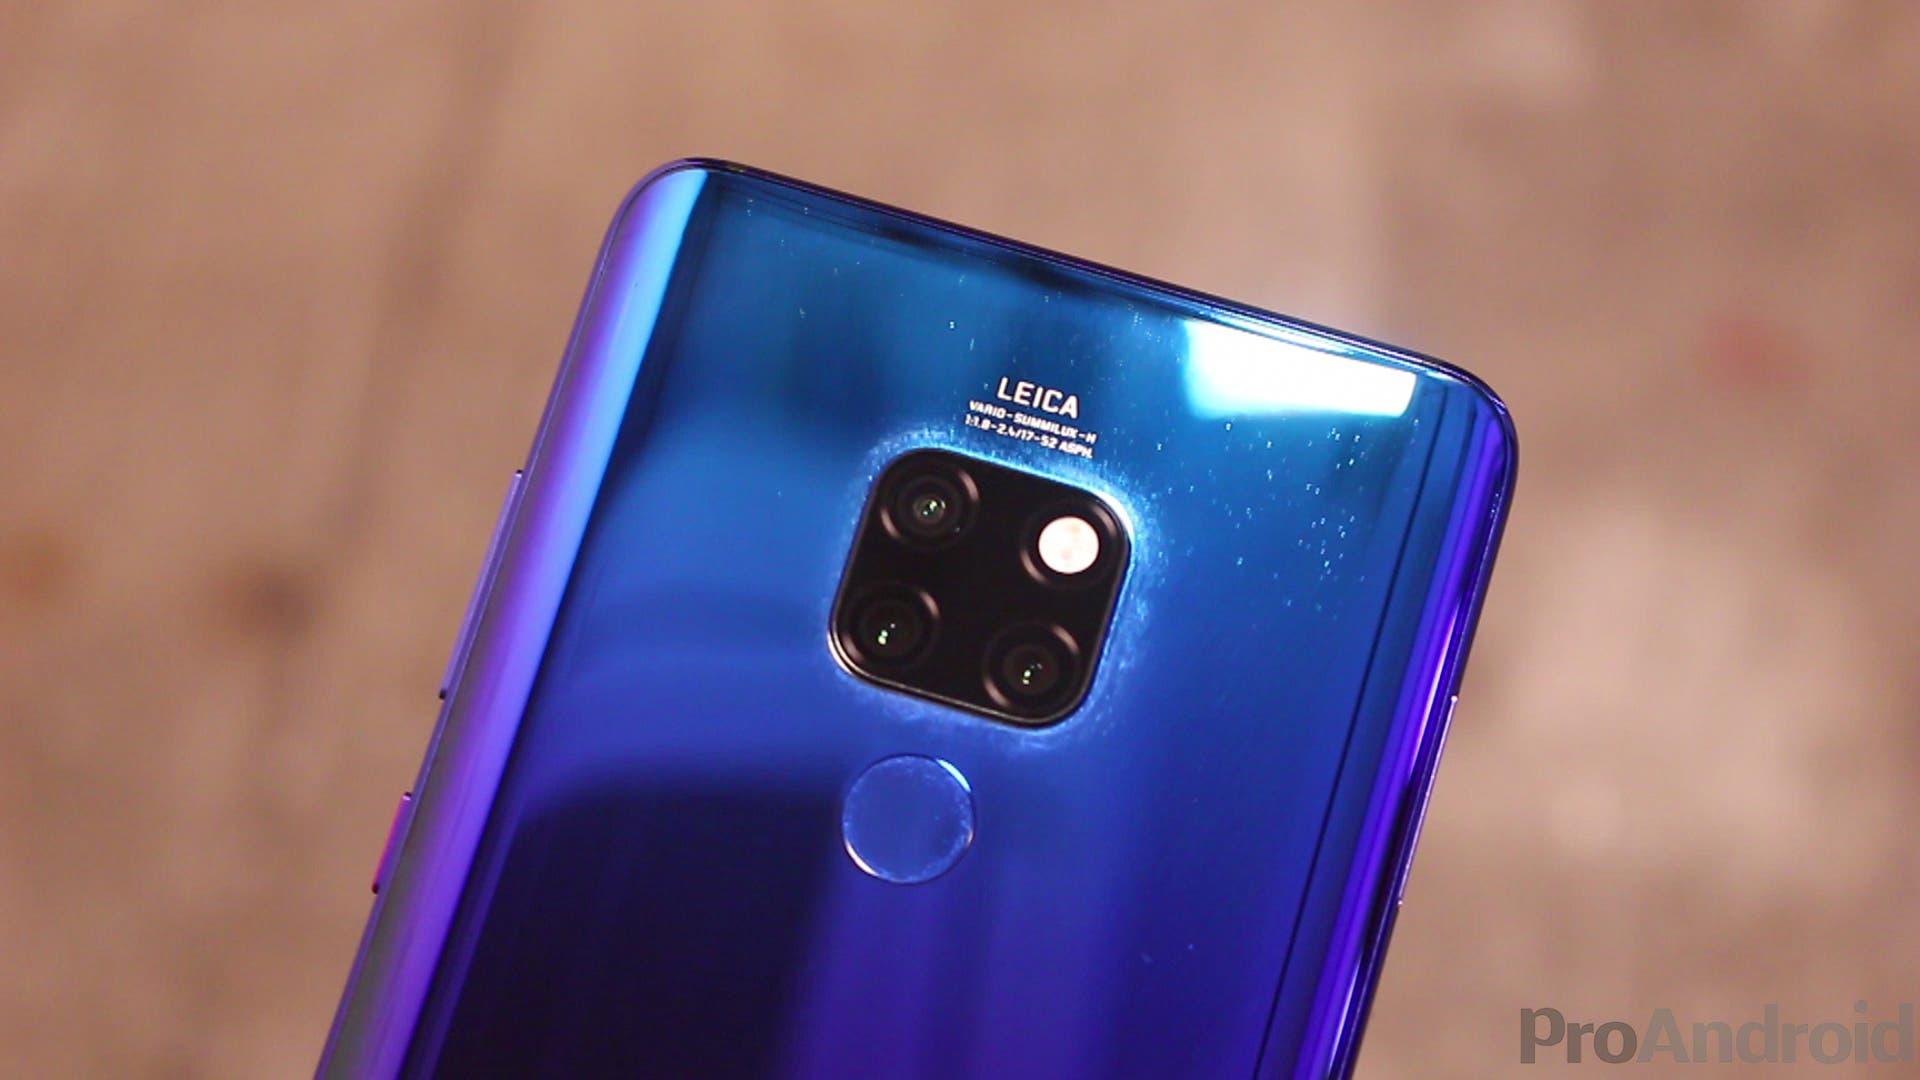 Ya puedes comprar el Huawei Mate 20 en oferta con el mejor precio del mercado